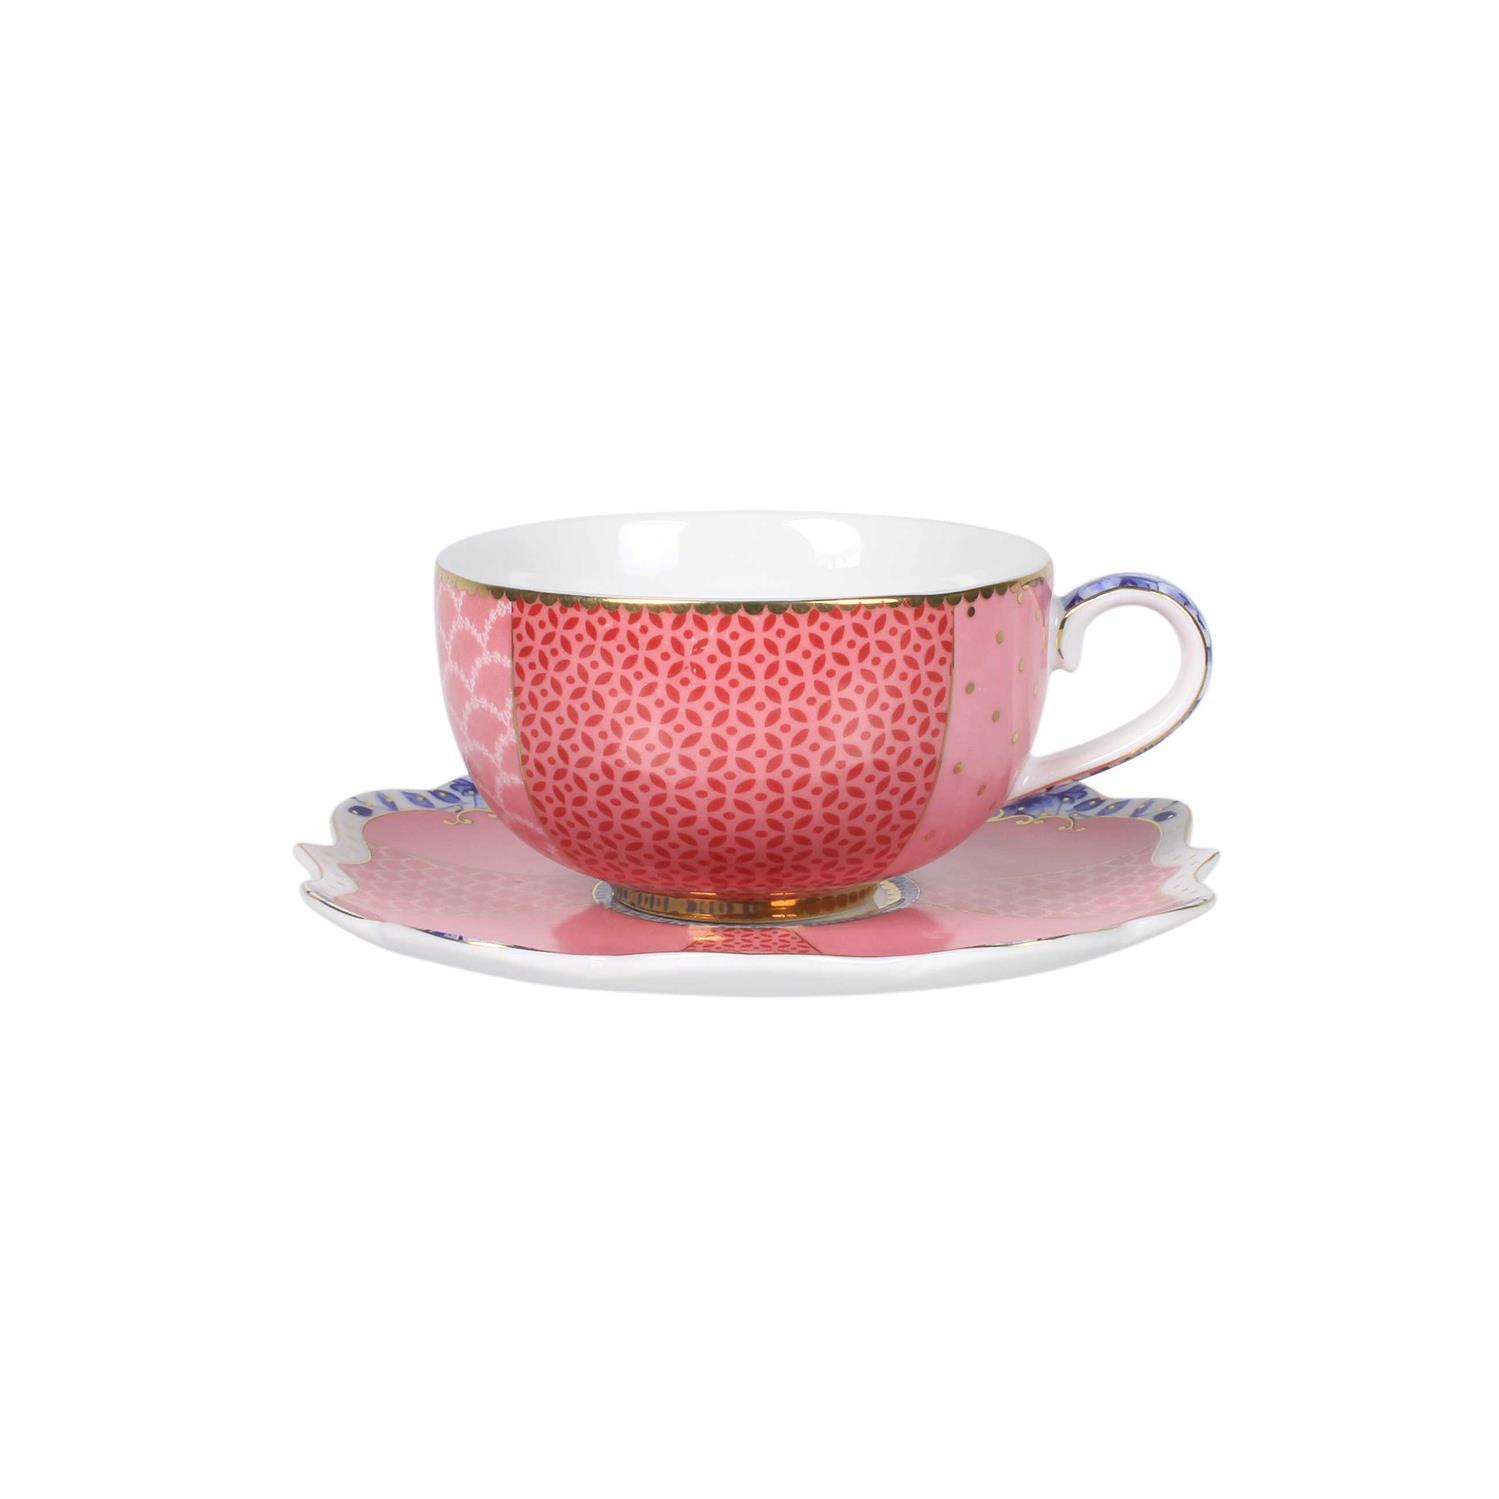 Φλιτζάνι εσπρέσο με πιατάκι Royal Floral 125ml πορσελάνινο ροζ Pip Studio 51004026